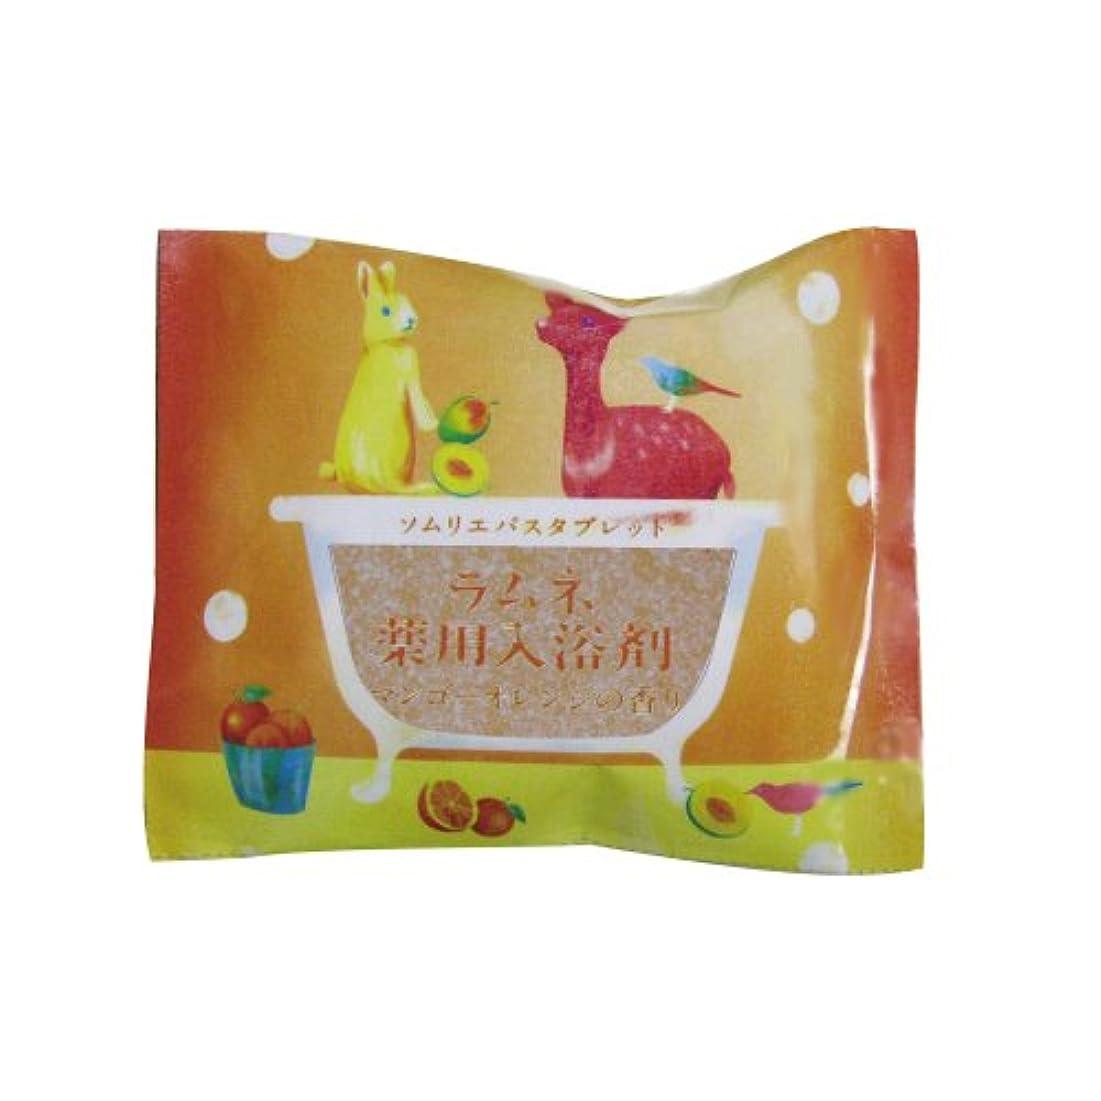 ソムリエバスタブレット ラムネ薬用入浴剤 マンゴーオレンジの香り 12個セット